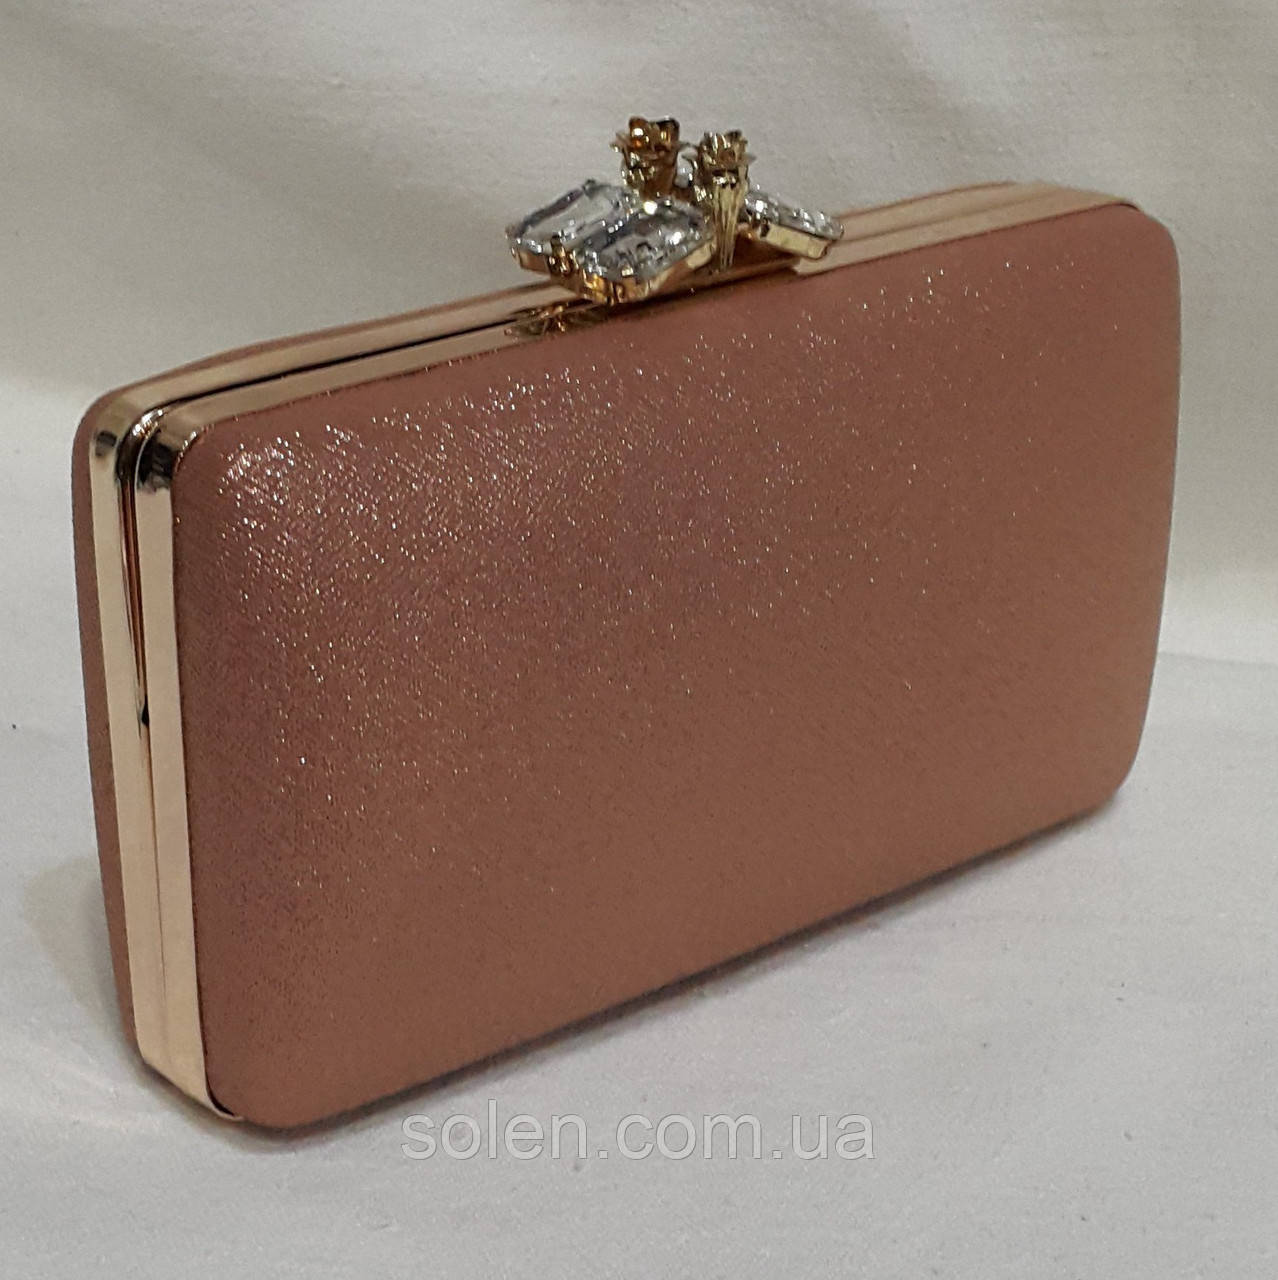 2a7ef92e8854 Вечерняя сумочка клатч на цепочке. Вечерний золотой клатч. -  Интернет-магазин сумок Solen